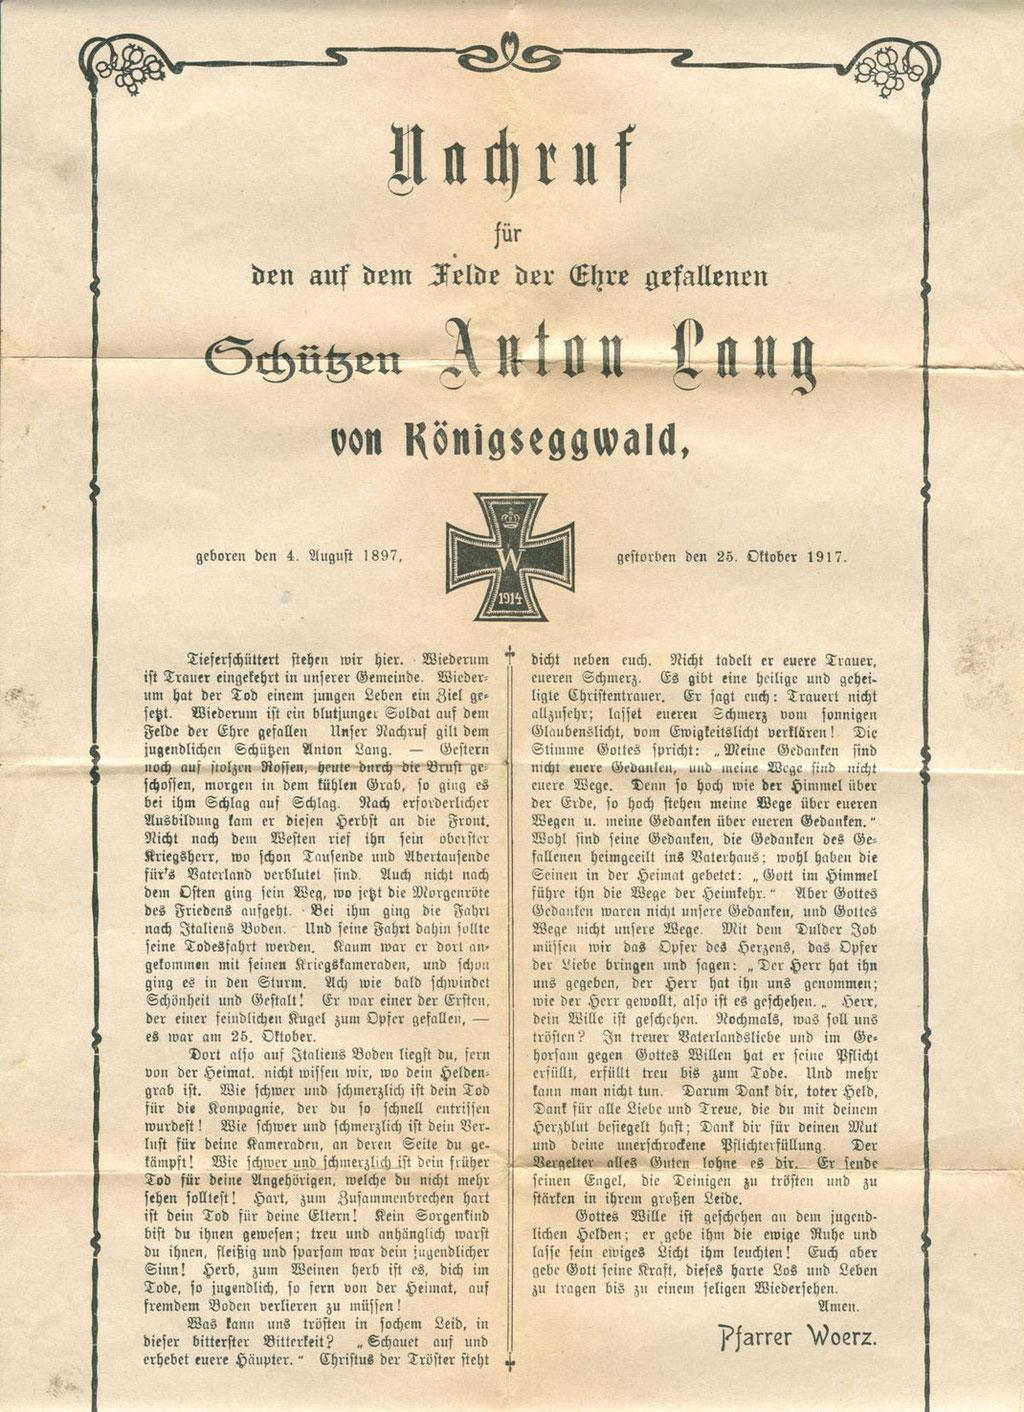 Nachruf für den Schützen Anton Lang. Sammlung Isonzofront.de